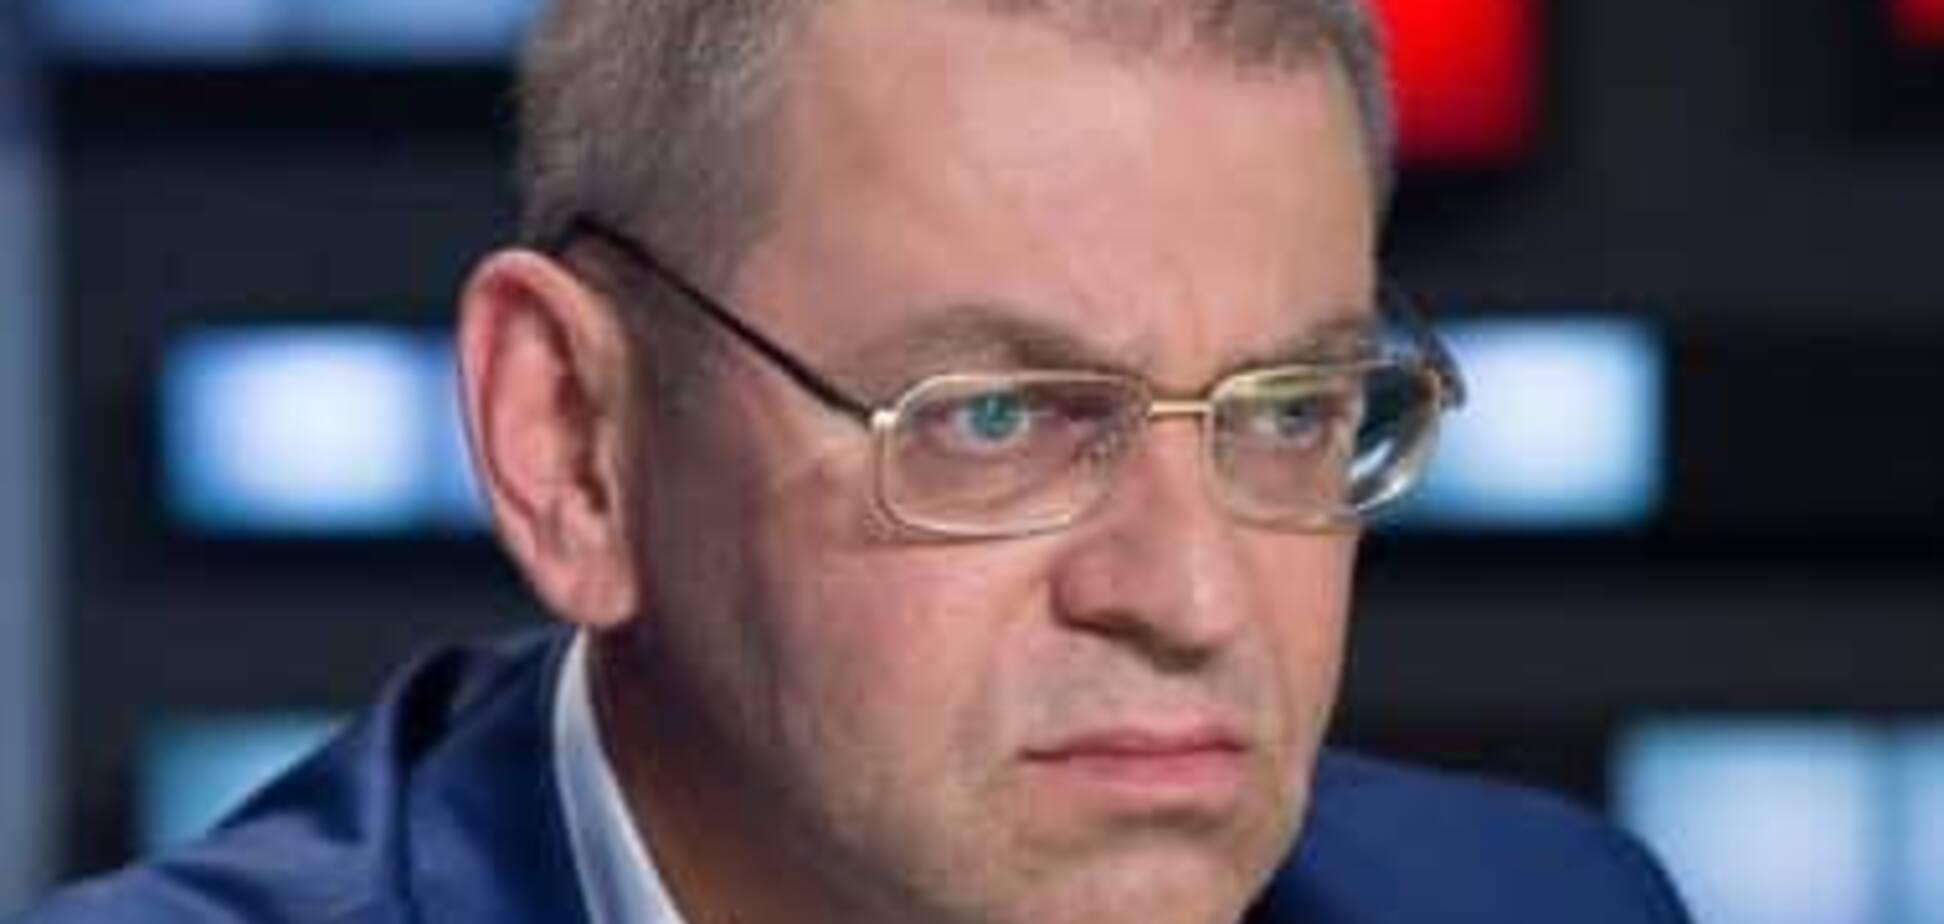 Коррупция в оборонке: агент НАБУ заявил о бегстве Пашинского, у него ответили